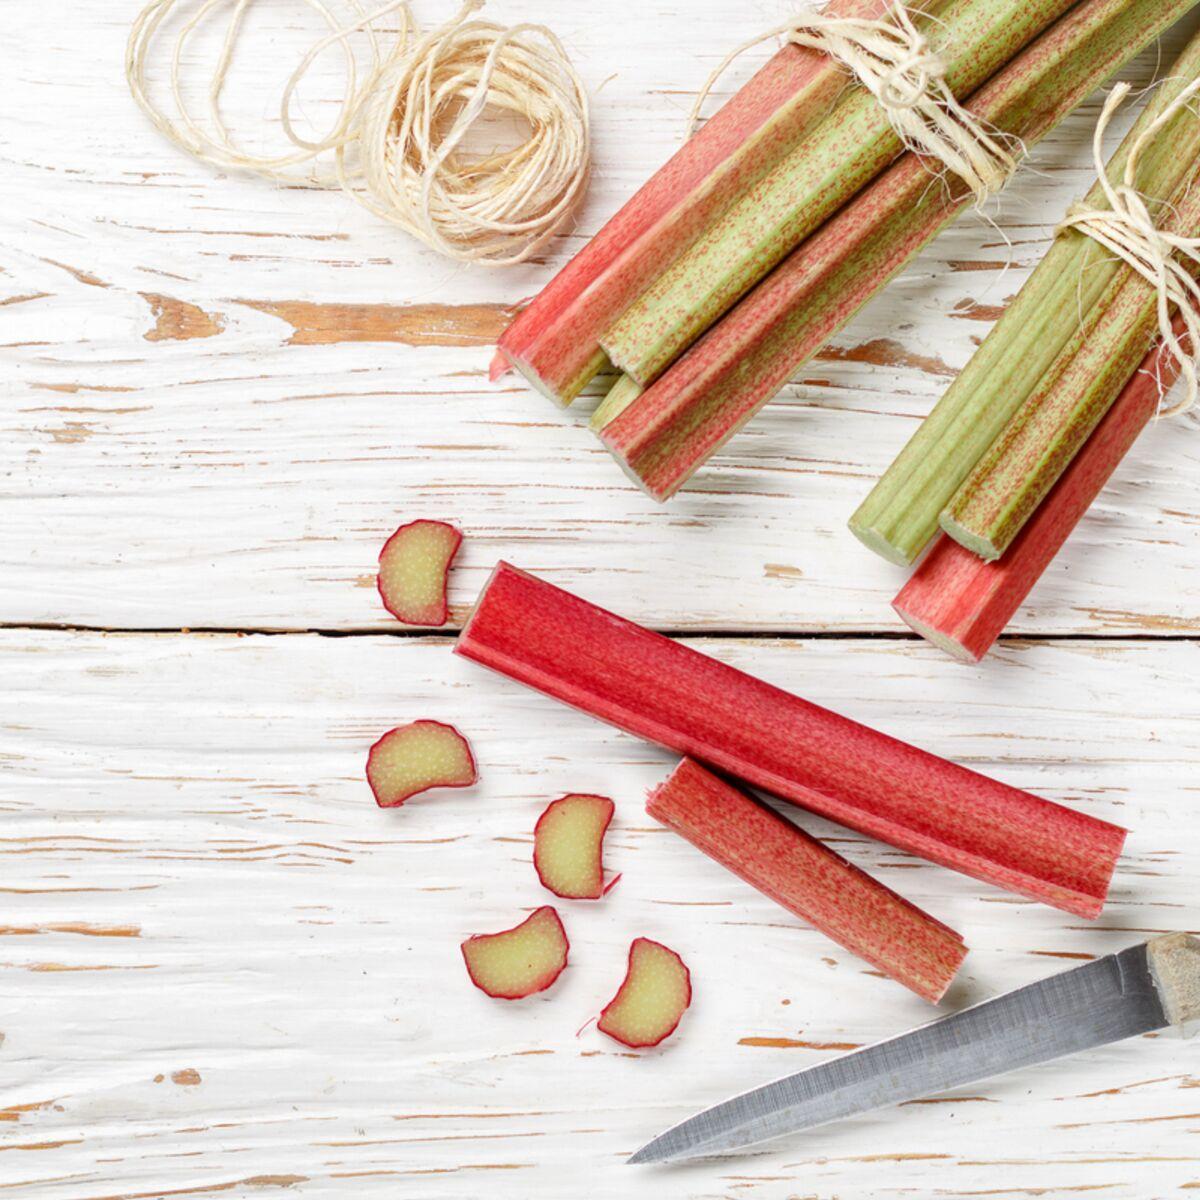 Que Faire Des Fleurs De Rhubarbe comment congeler la rhubarbe ? : femme actuelle le mag